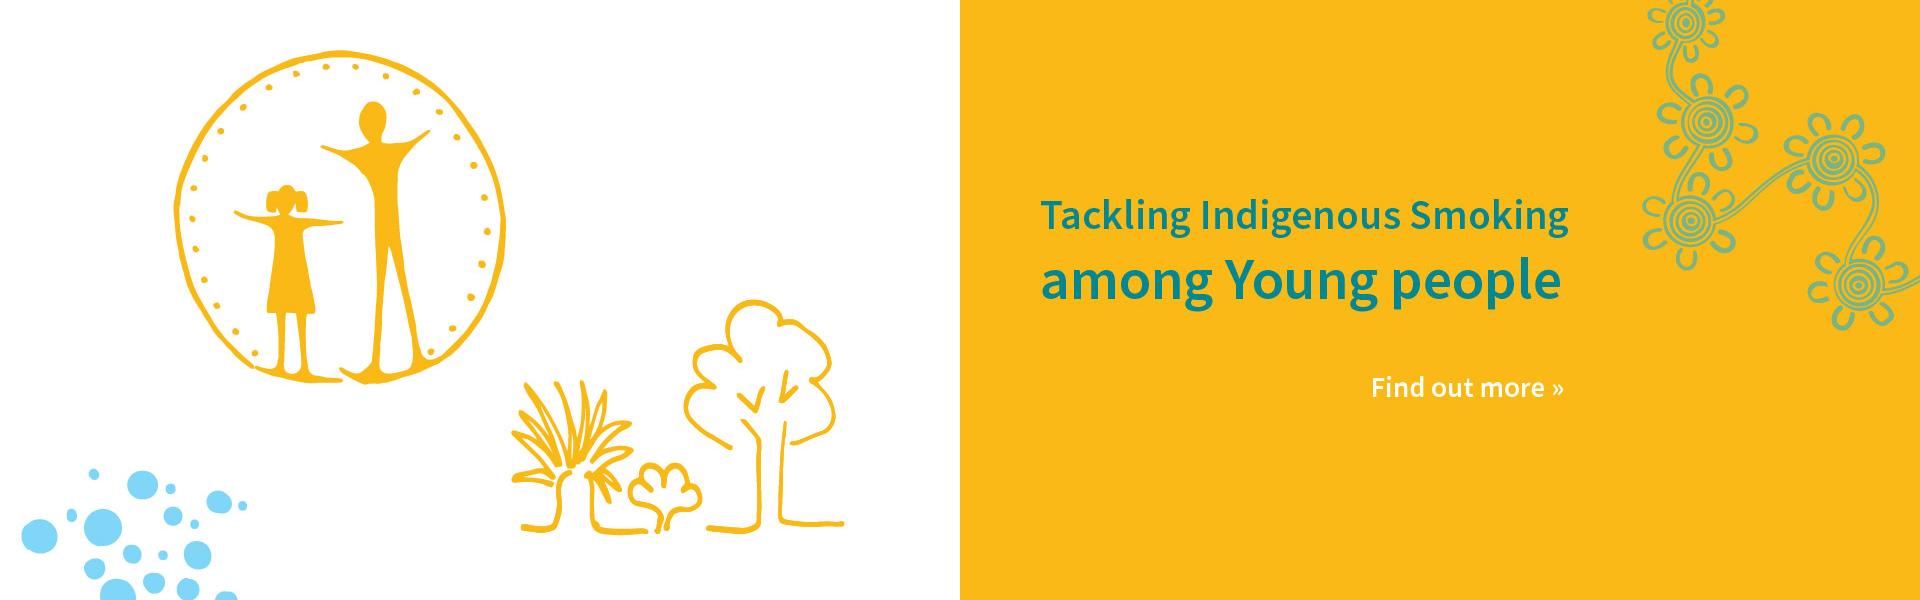 Tackling Indigenous Smoking among Young People